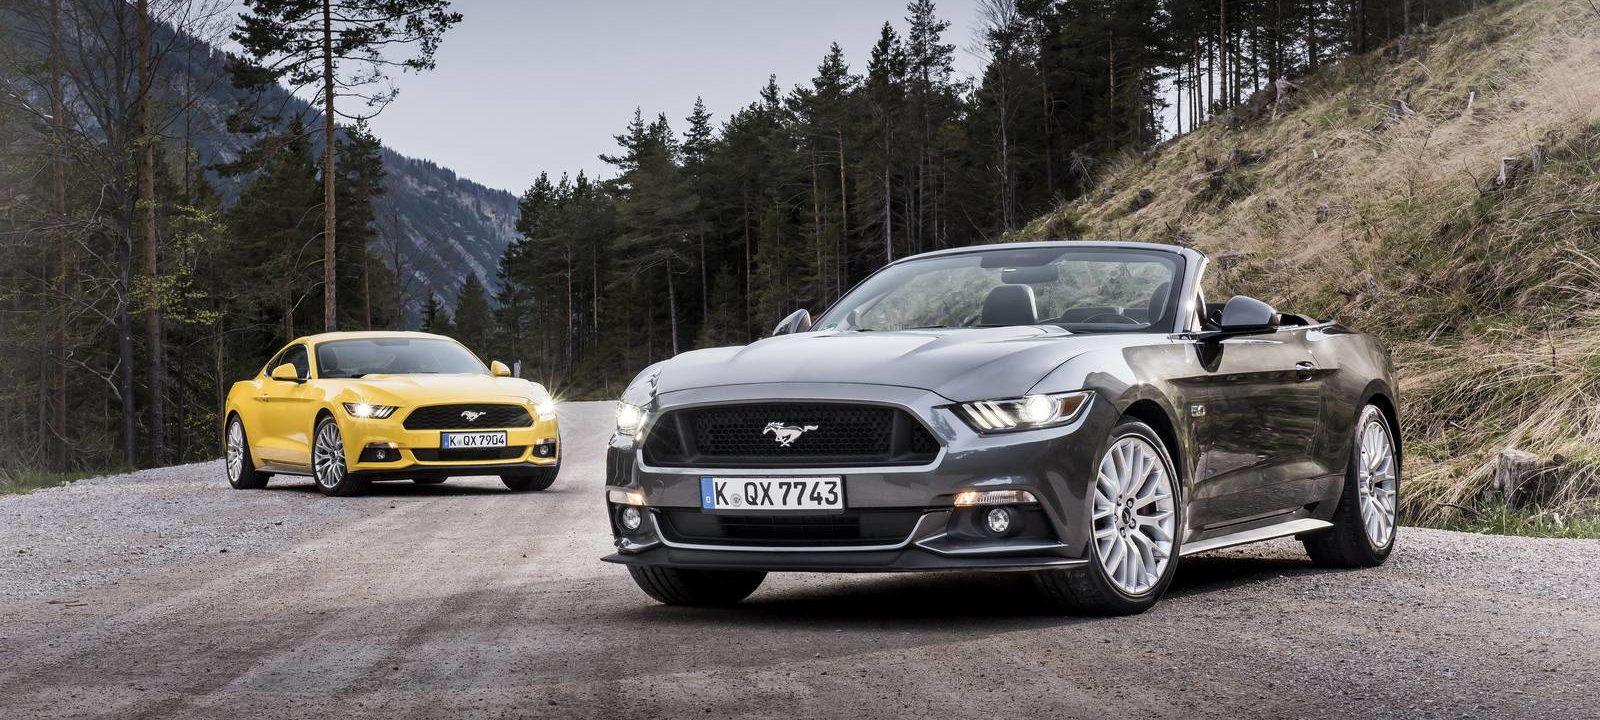 European 2015 Ford Mustangs